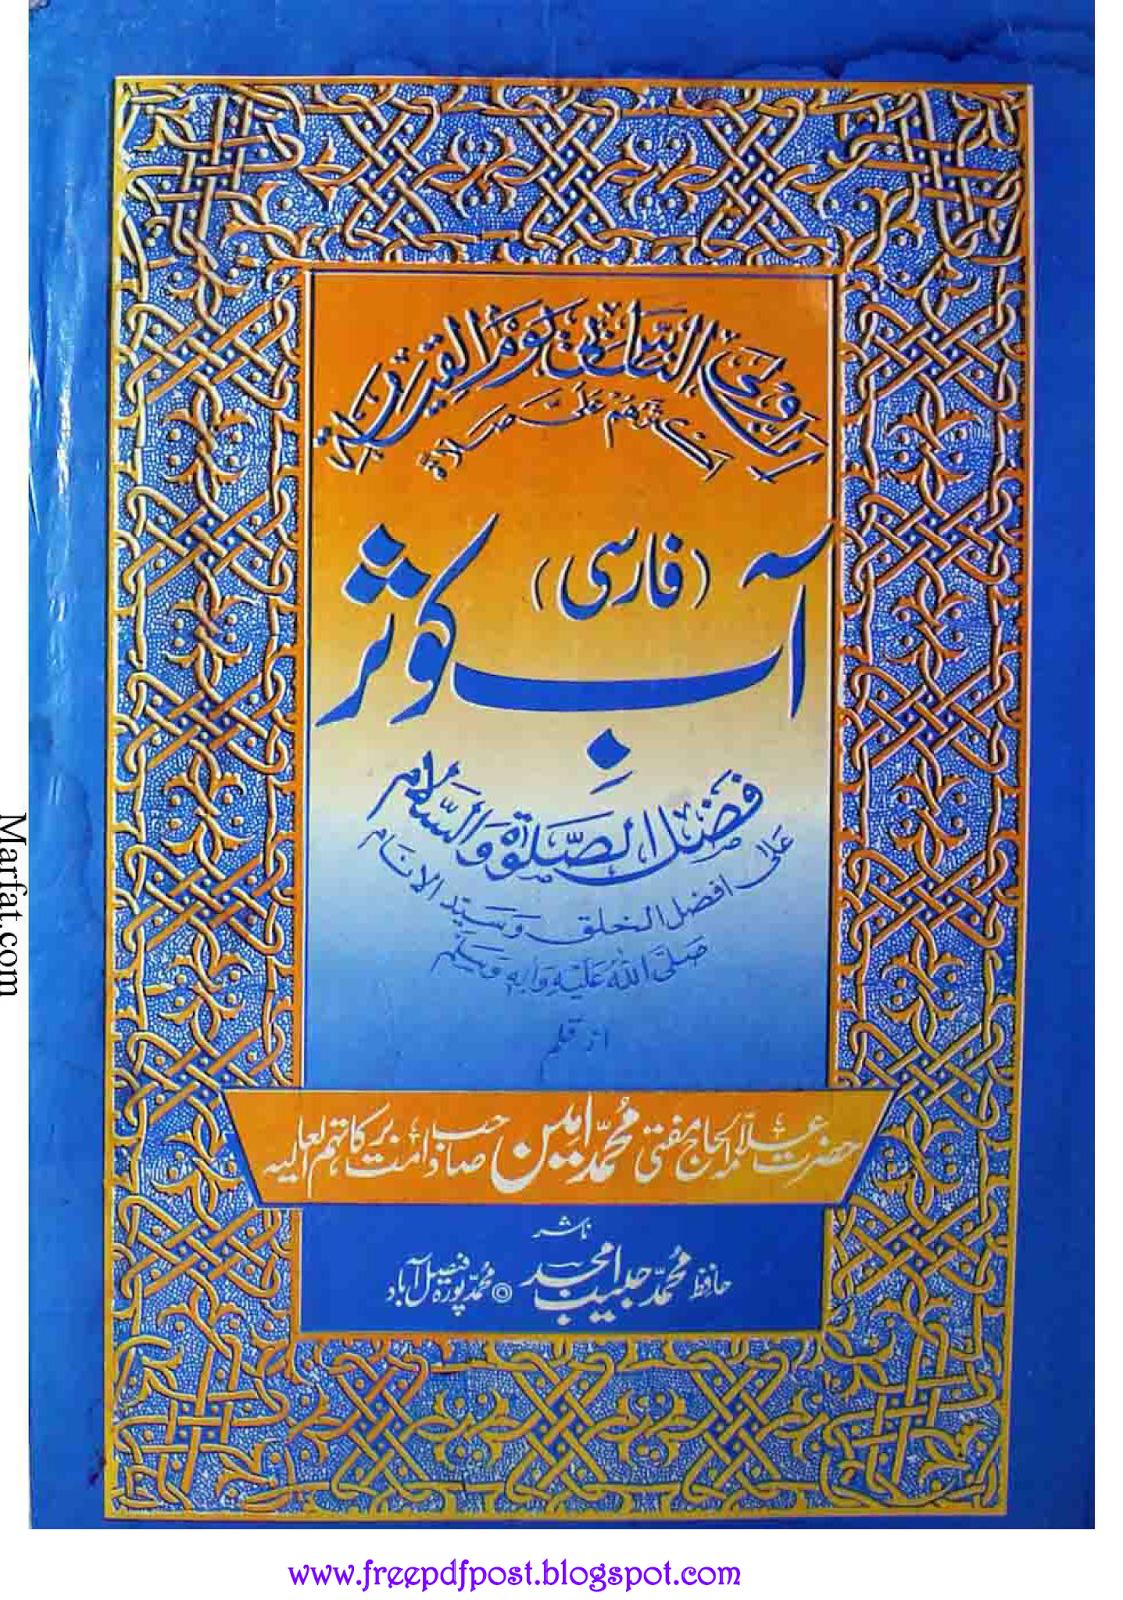 http://www.mediafire.com/view/qg6myodr0dyd160/Abe_Kauser_Farsi_01.pdf